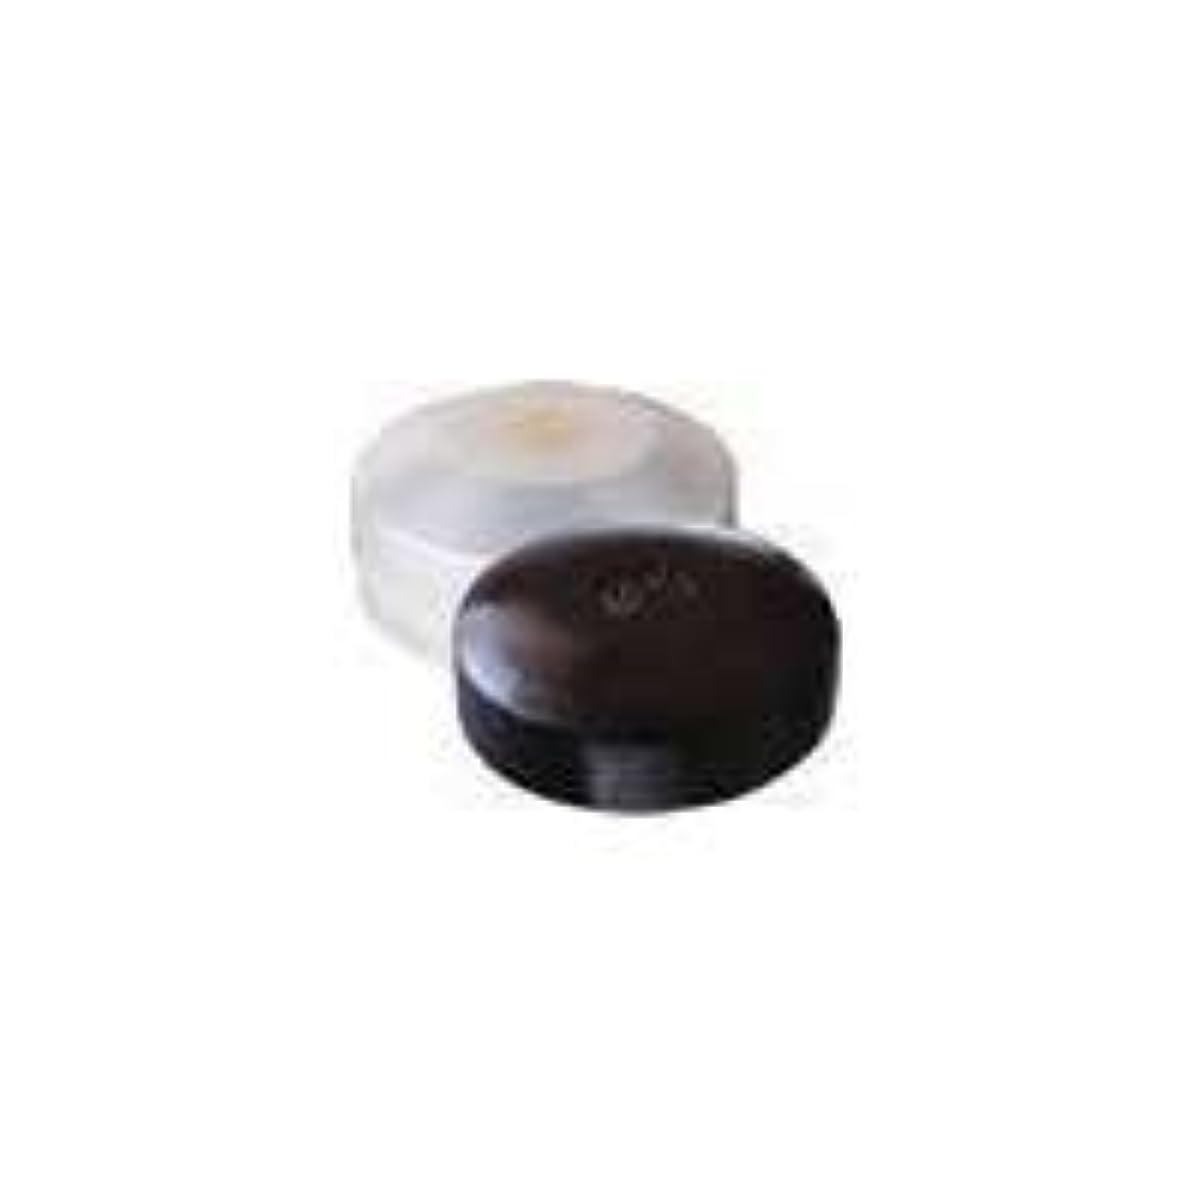 クラックチーズミケランジェロマミヤンアロエ基礎化粧品シリーズ アロエクセルソープ 120g(ケース有) まろやかな泡立ち透明石鹸